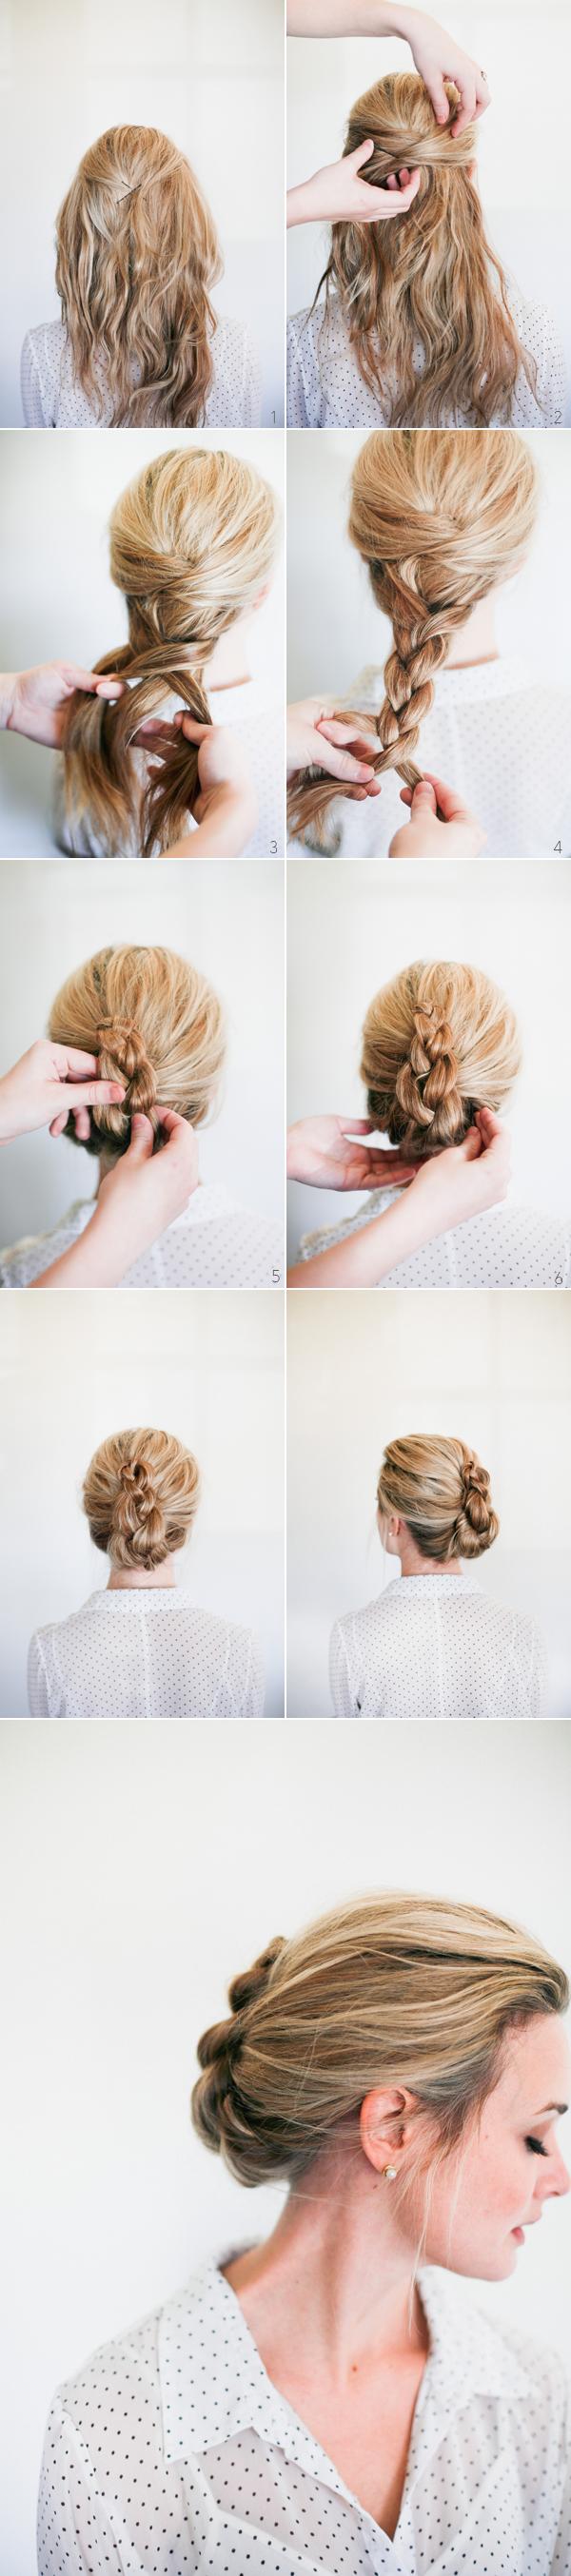 braided french twist how to   diy wedding tutorials   long